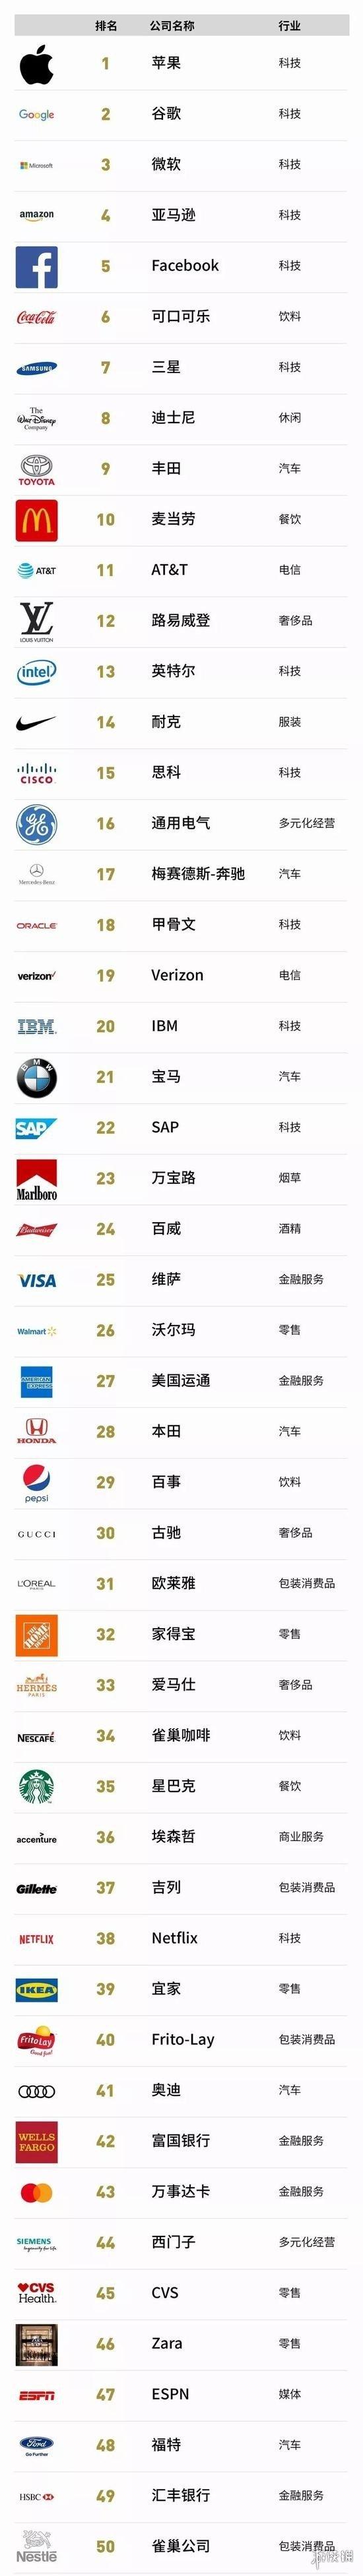 福布斯公布2019全球品牌价值百强 苹果夺冠